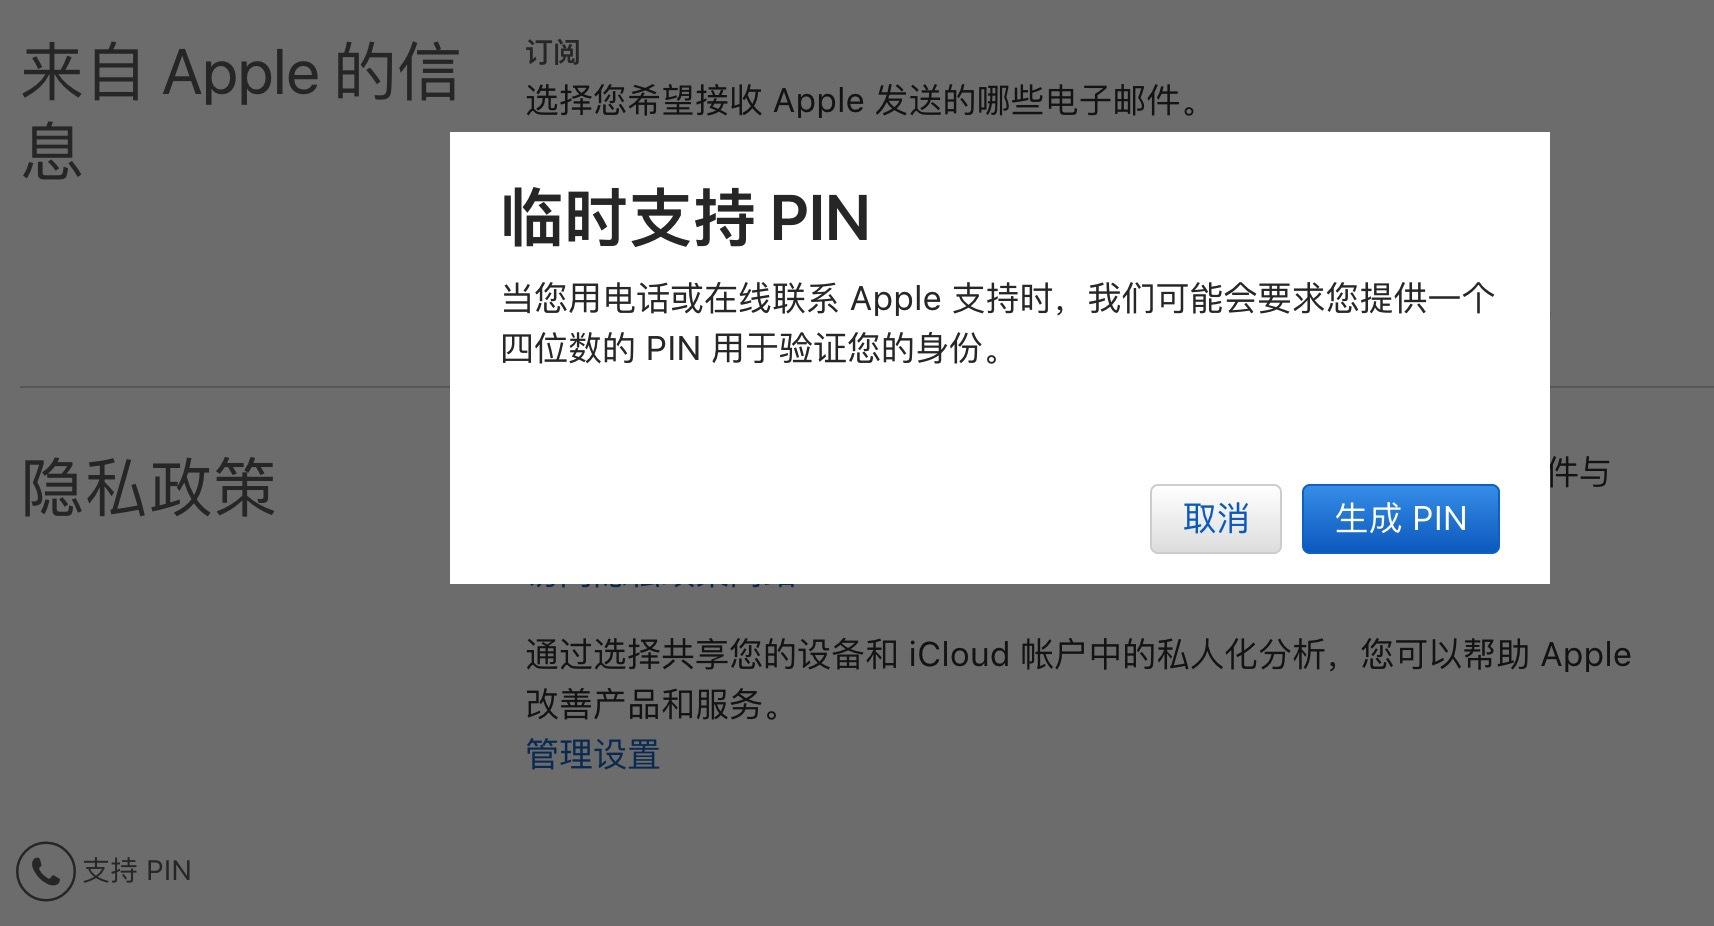 用户称苹果技术顾问窃取用户信息并敲诈勒索的照片 - 6